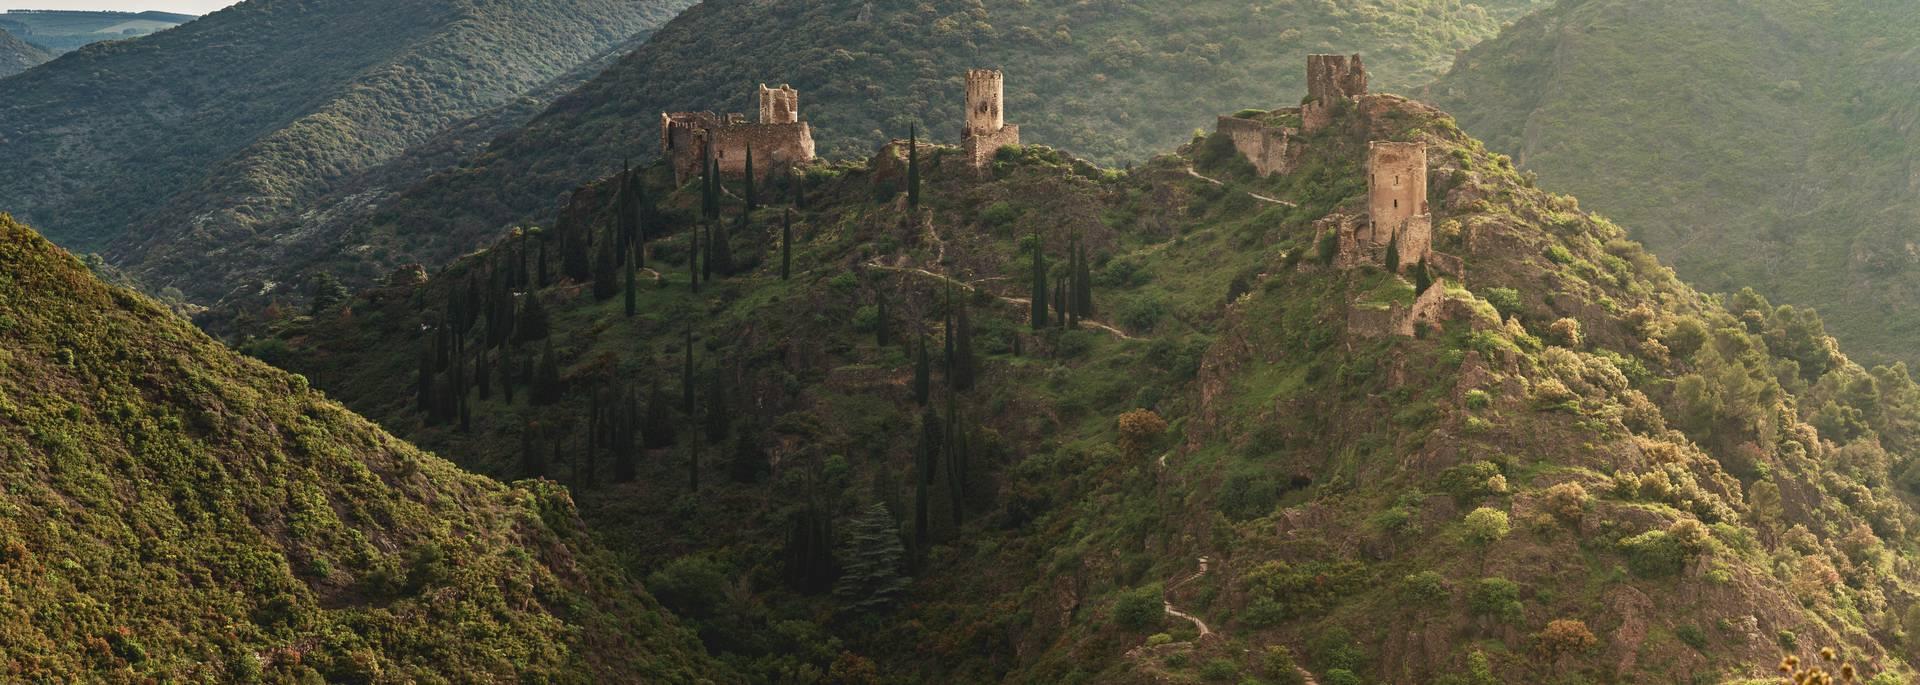 Les châteaux de Lastours